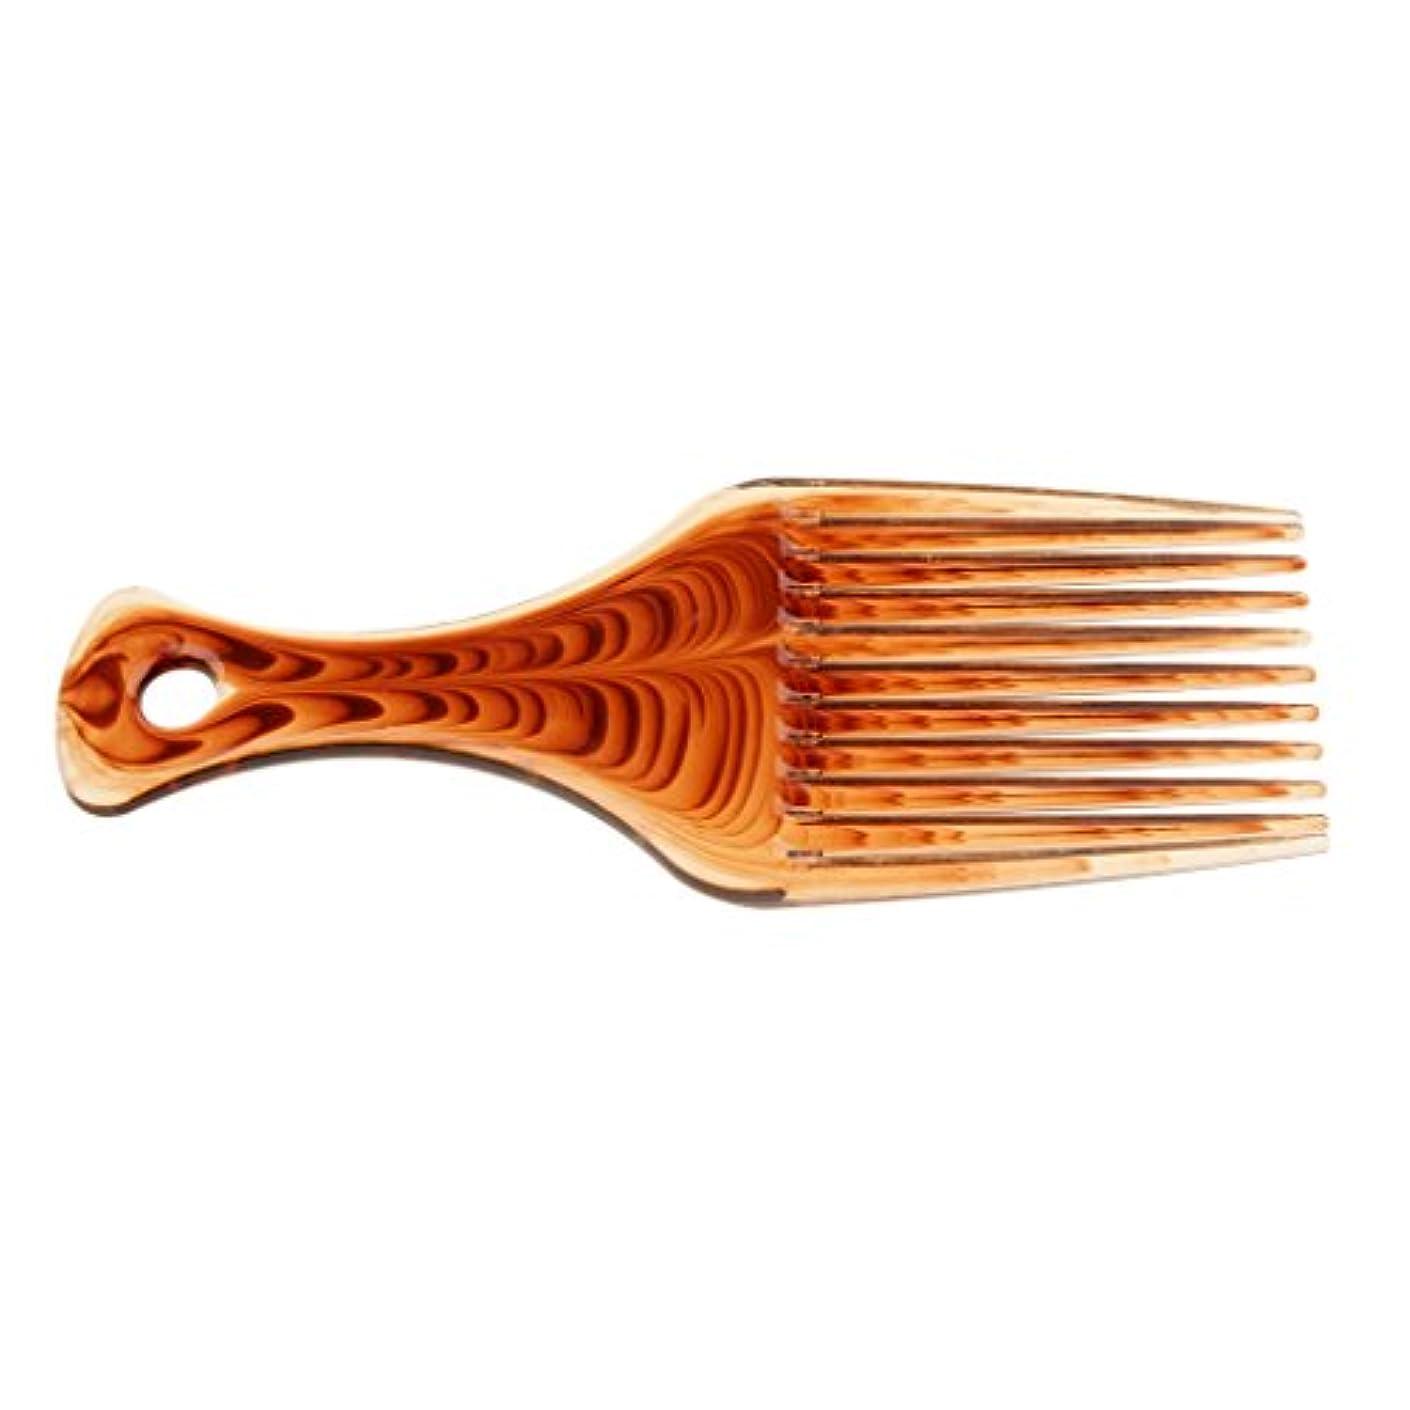 ベギン階手ヘアブラシ 髪の櫛 アフロ 櫛 プロ 実用的 ヘアスタイリング 持ち上げ ヘアブラシ